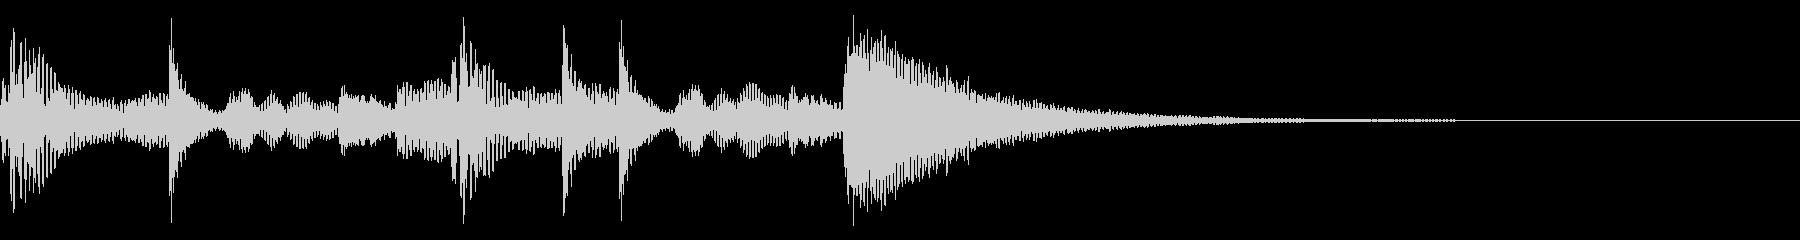 場面転換 民族楽器 リズミカル 独特の未再生の波形